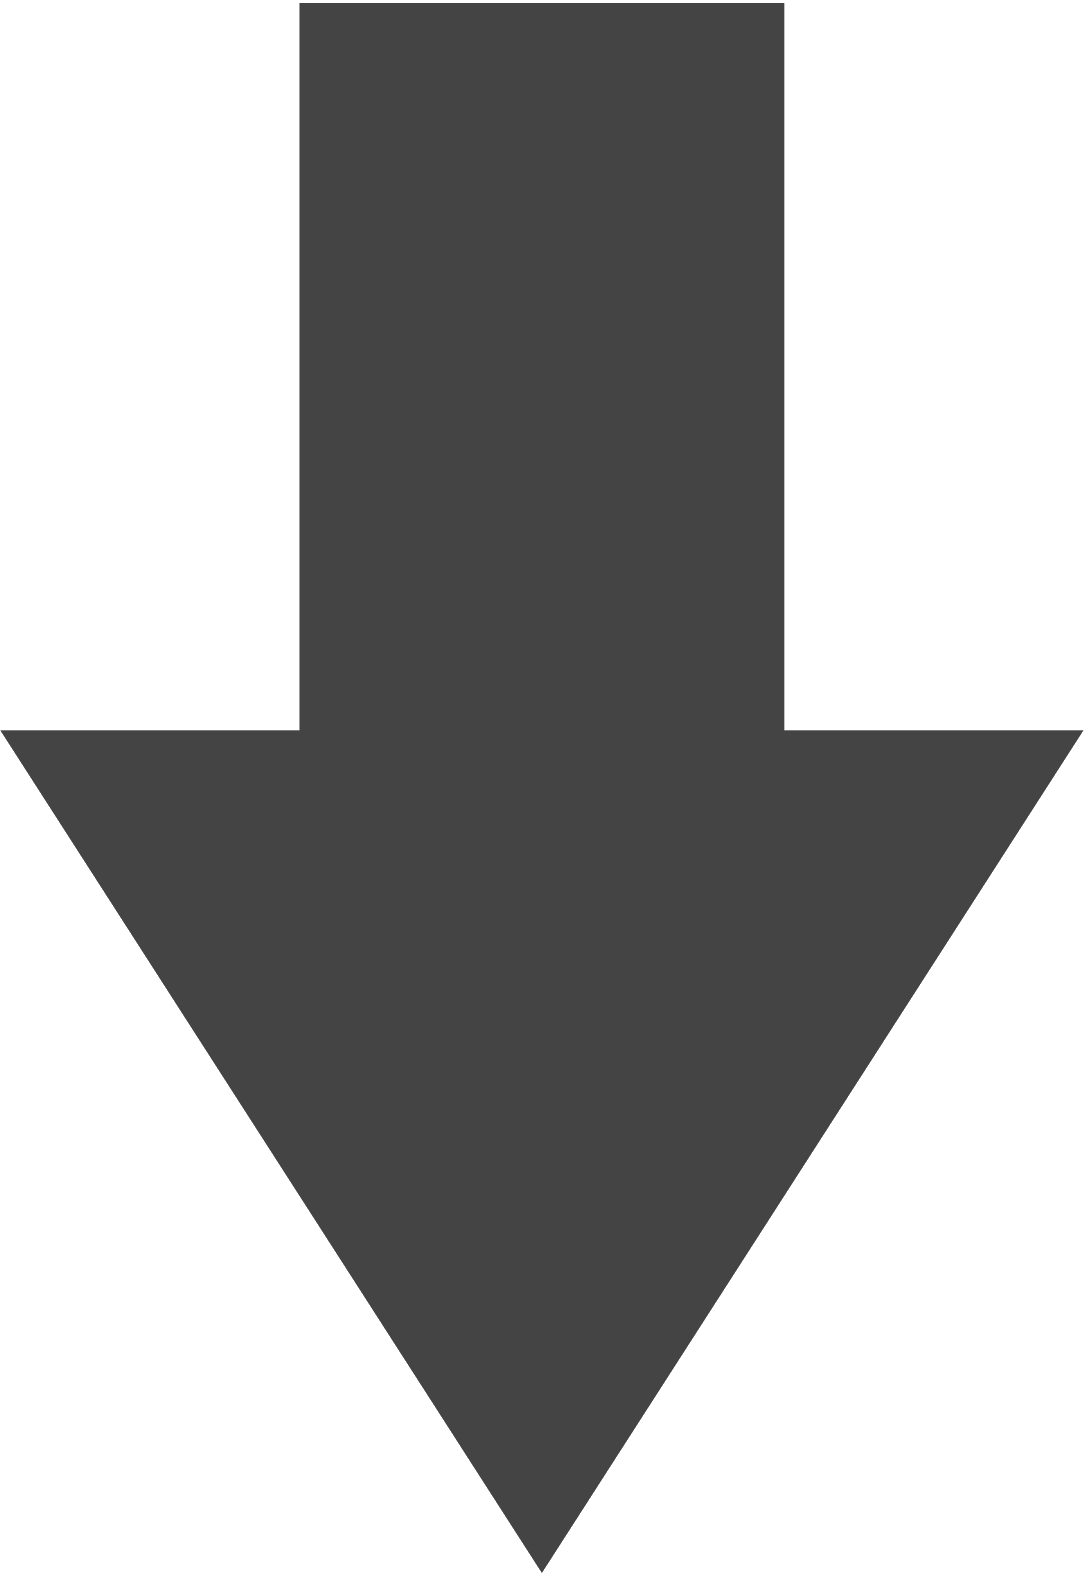 modal icon